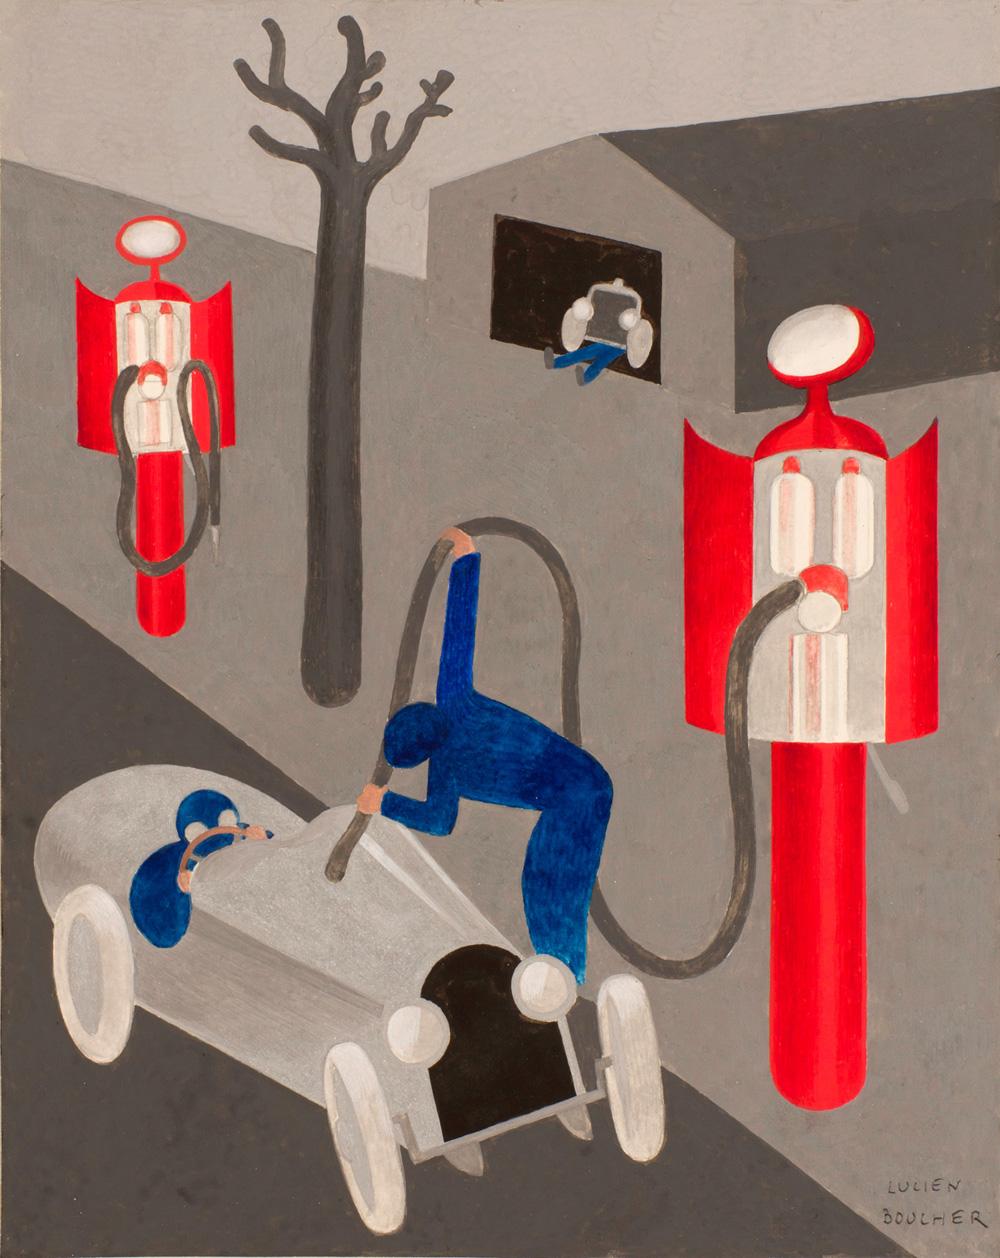 Pompistes | Lucien Boucher | Pompistes